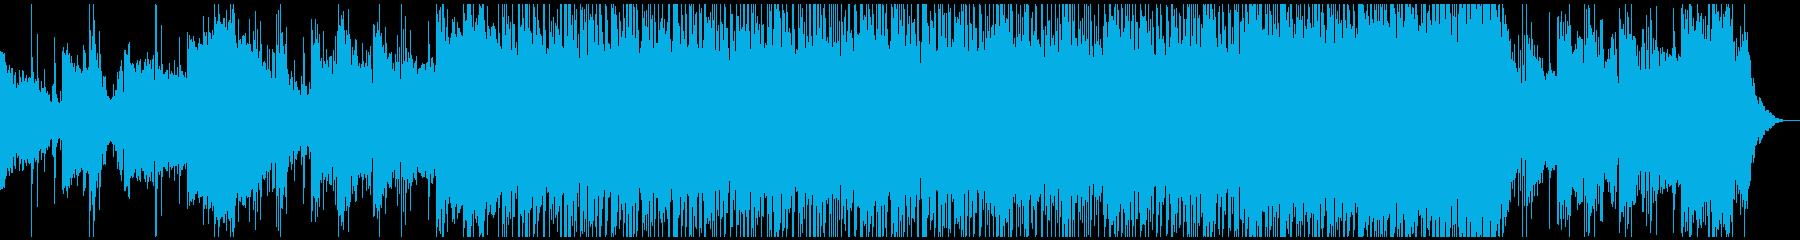 ド迫力な和風エピックBGMの再生済みの波形